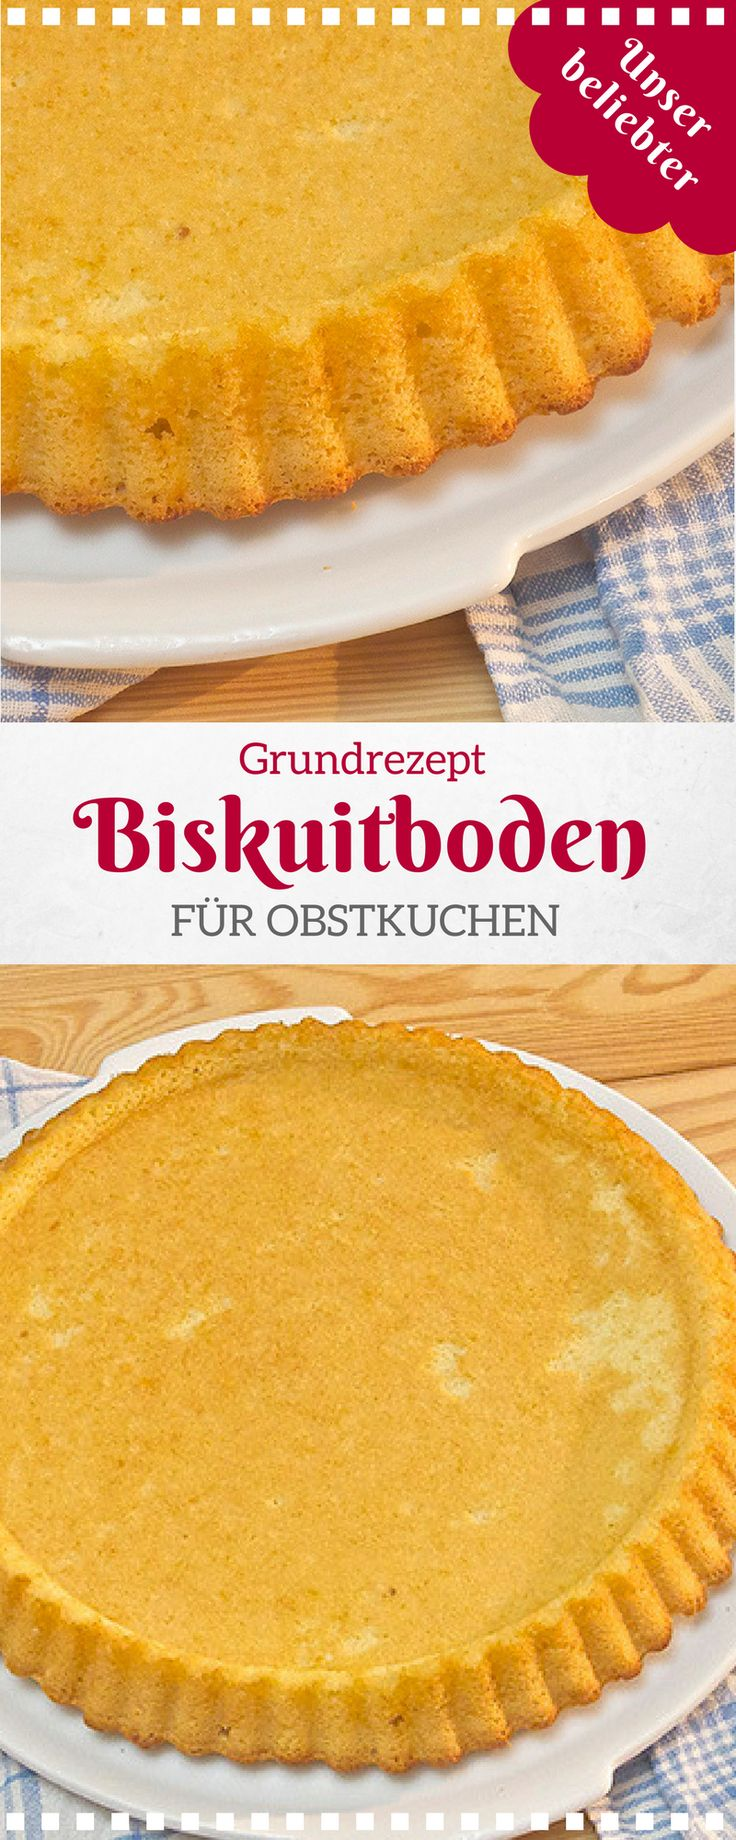 Grundrezept Obstboden bzw. Biskuitboden für Obstkuchen.